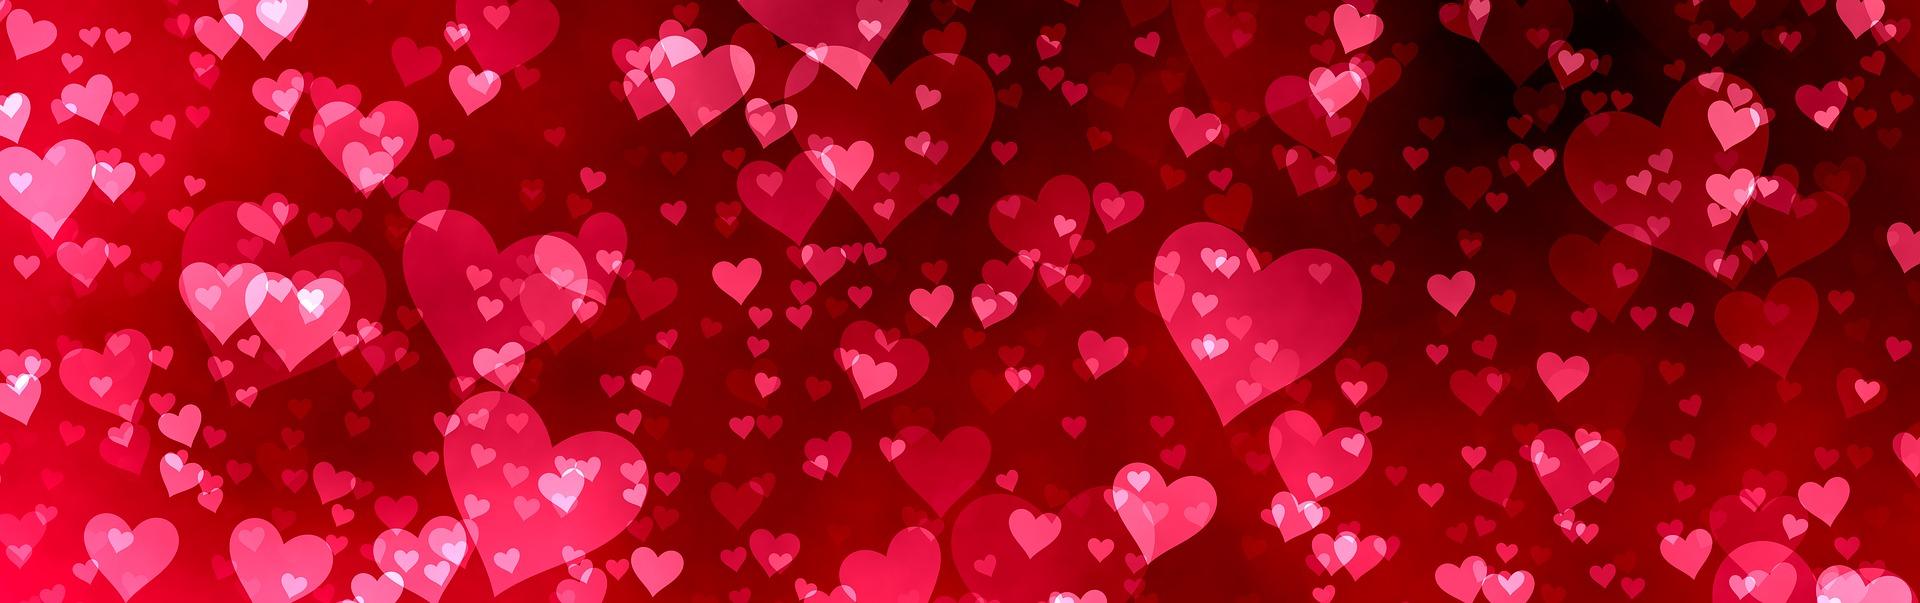 Liebe, Lust und Leidenschaft – Zum Valentinstag die richtigen Worte finden